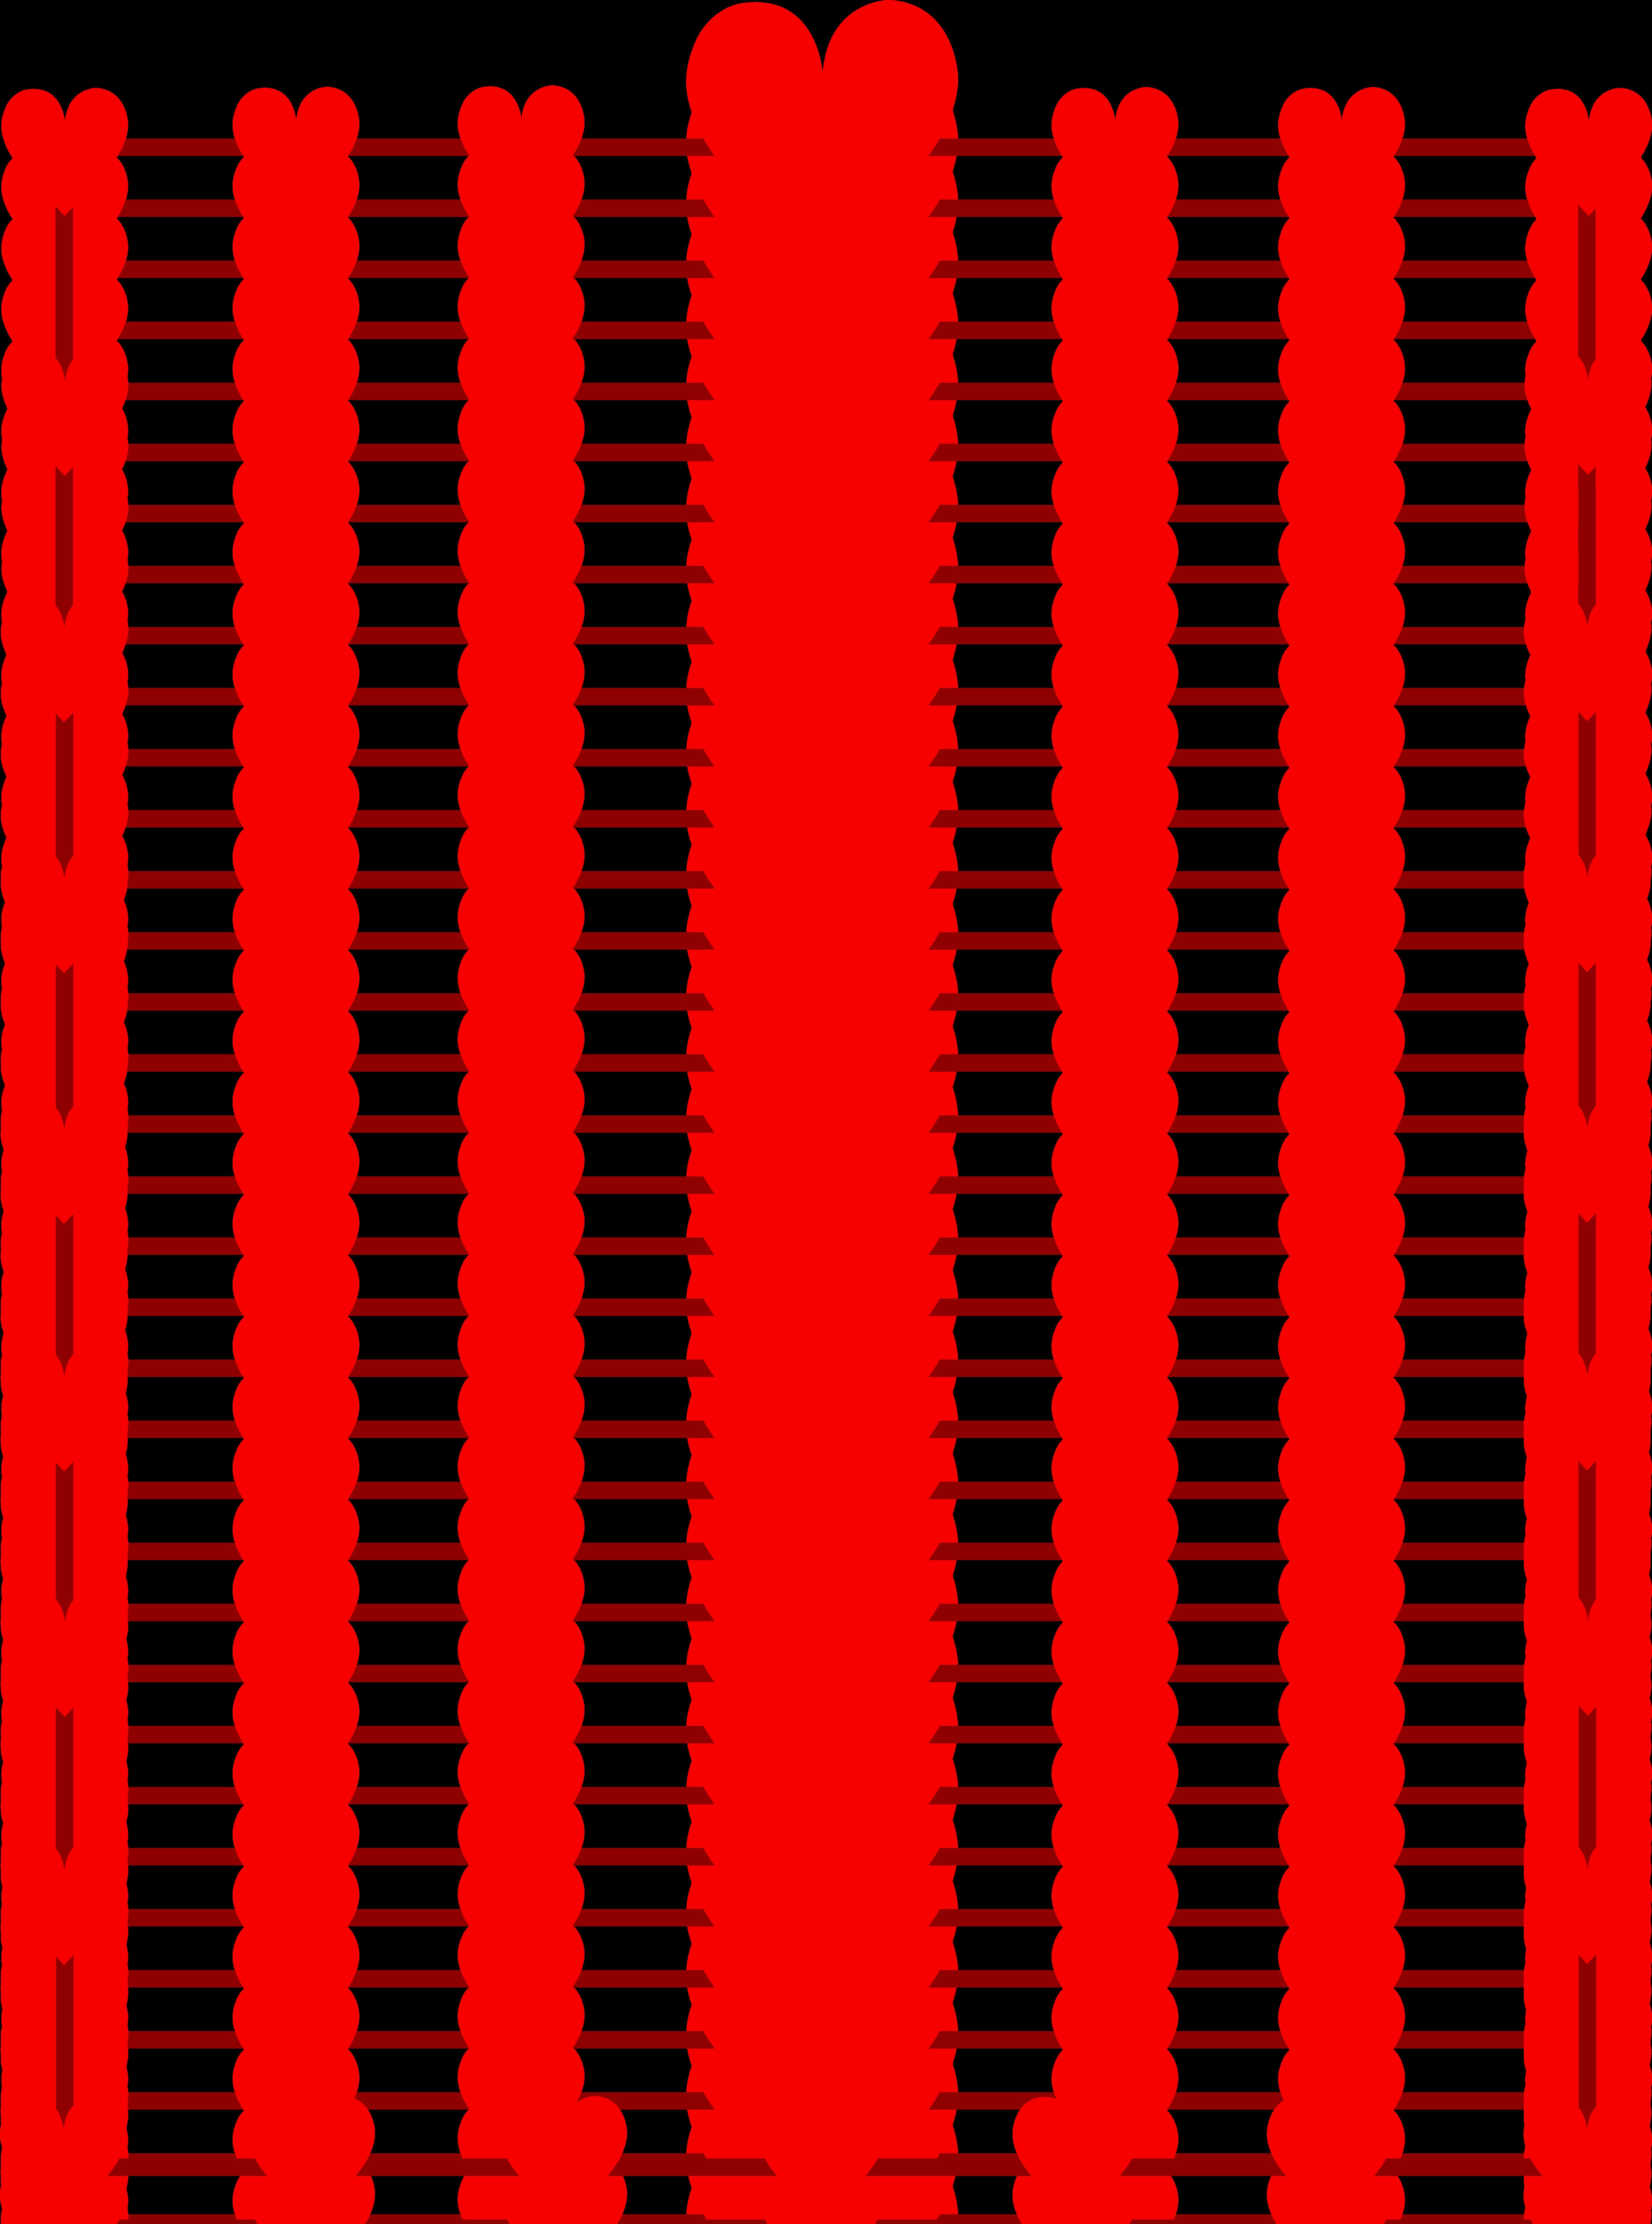 School Clip Art Line Border ... 016f9984ef901e2d56278ccfc27cee ... 016f9984ef901e2d56278ccfc27cee ... Valentines Day ...